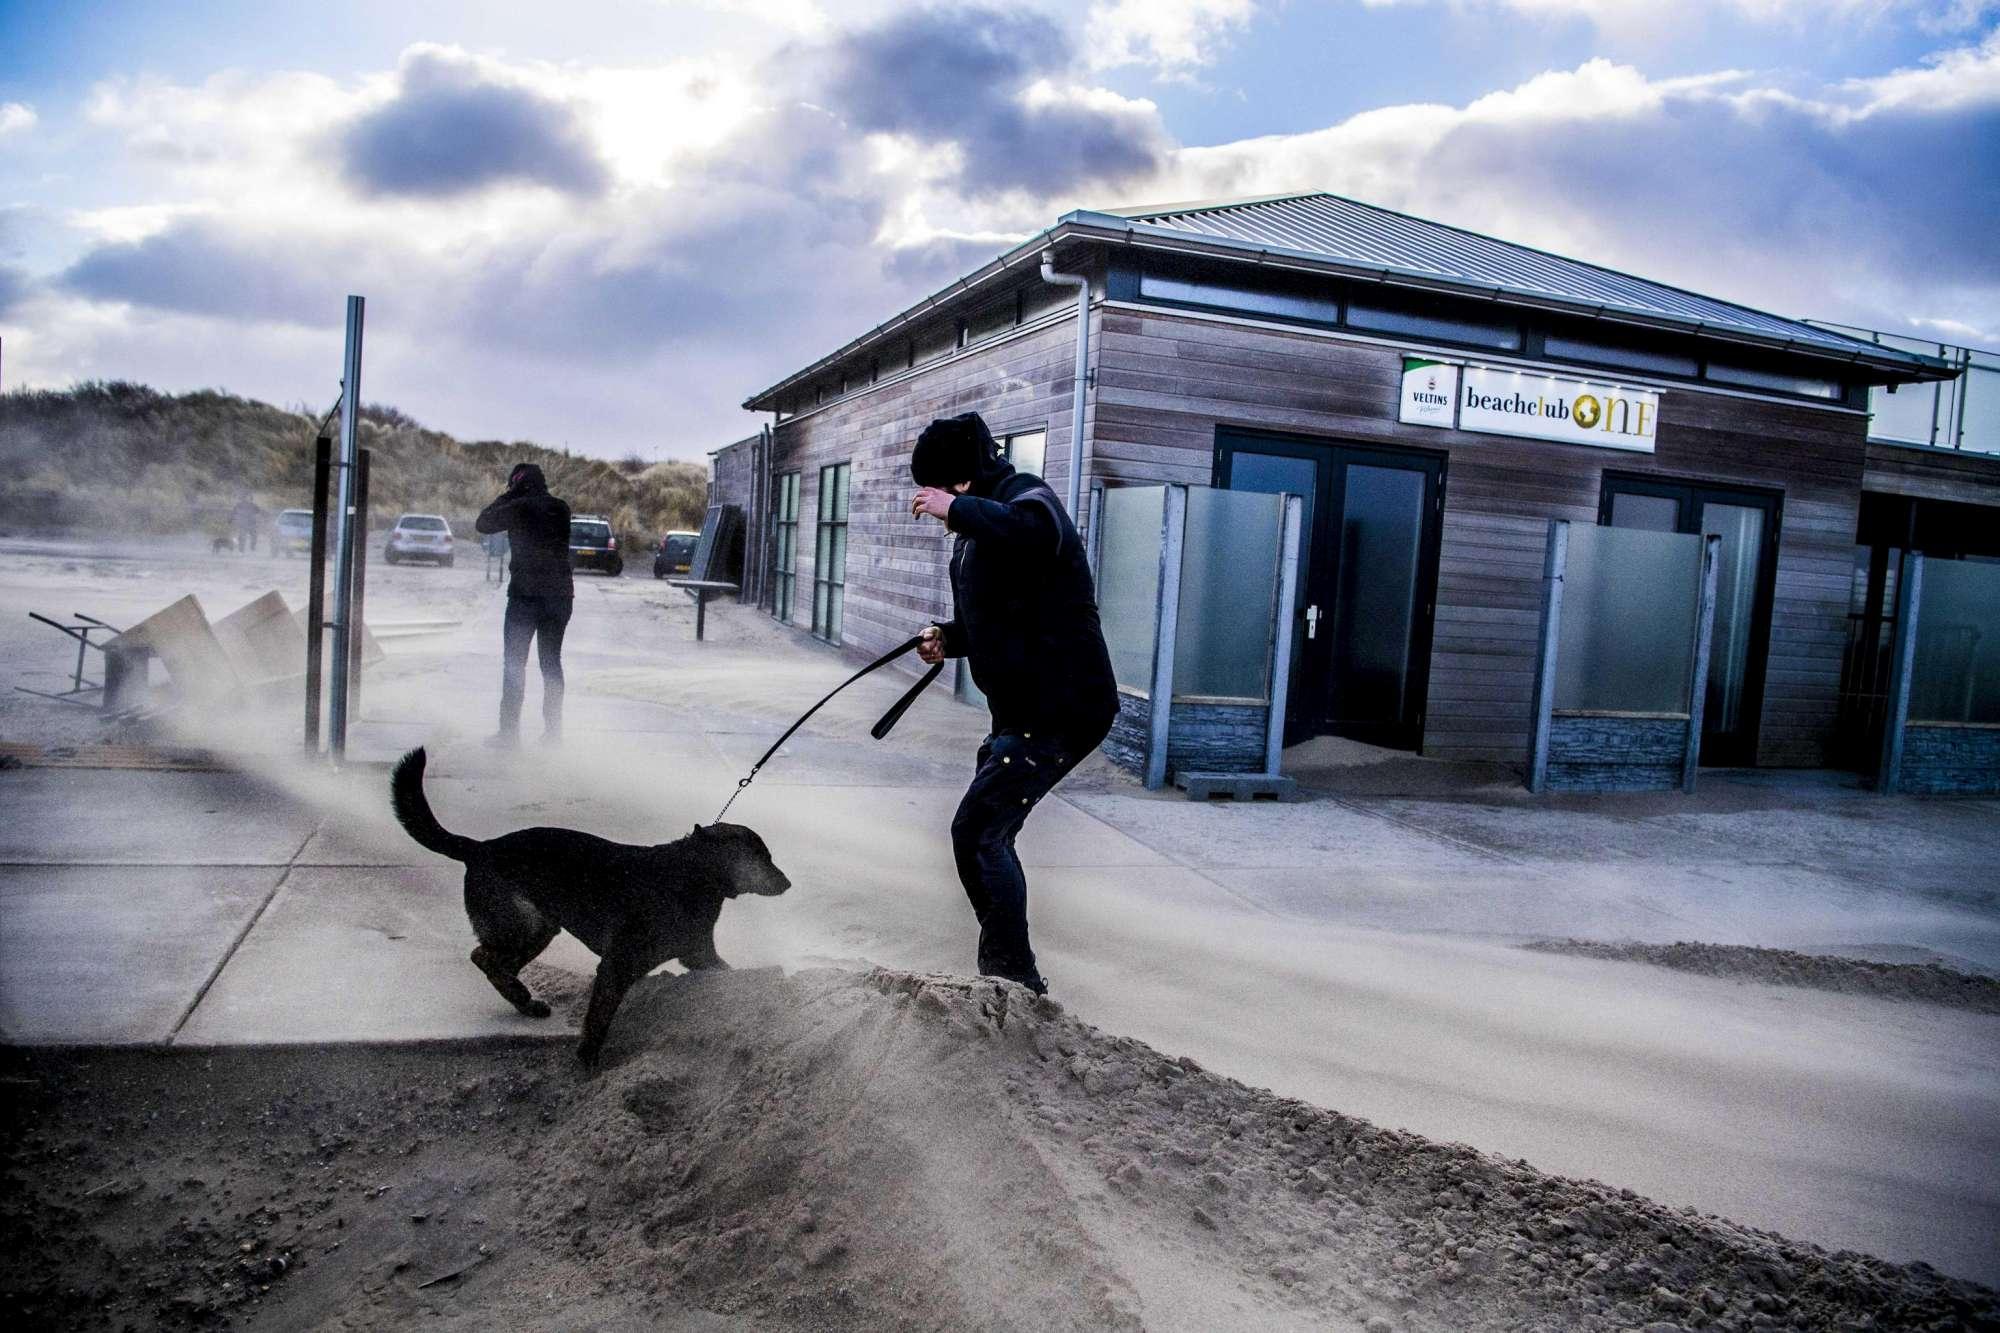 L Europa flagellata dal maltempo, disagi ai trasporti in Olanda e Germania